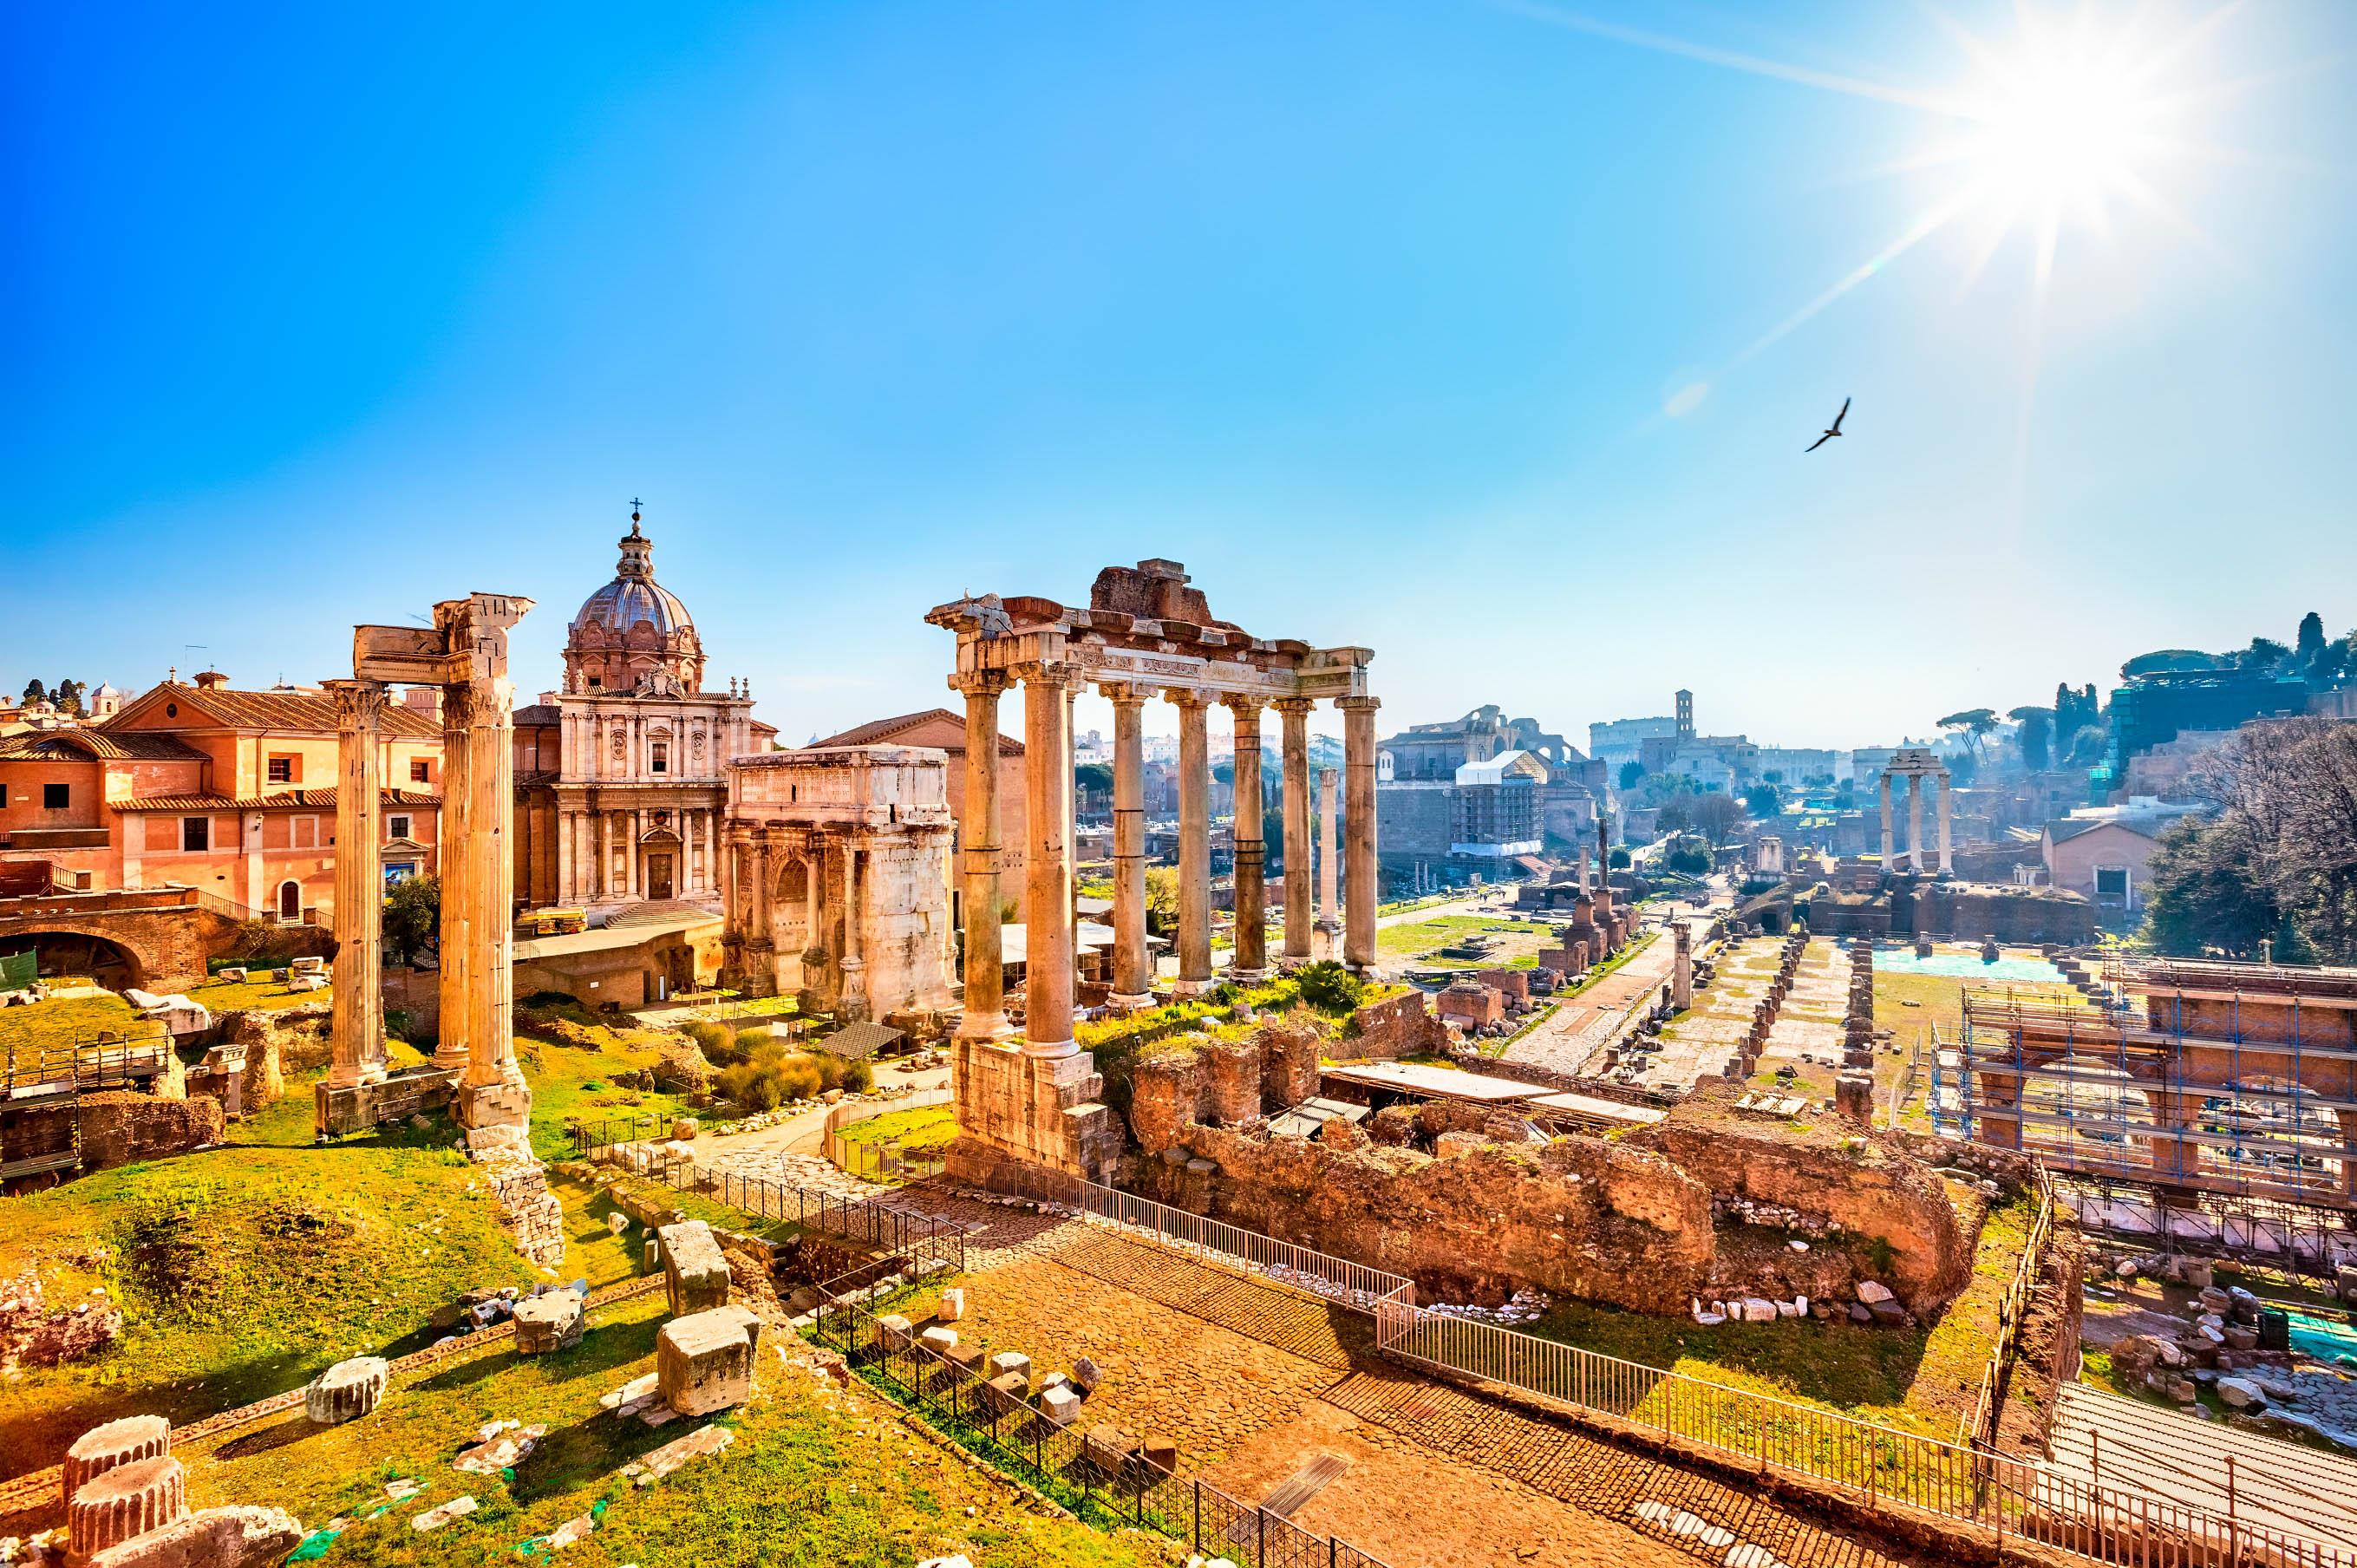 Rom Ruinen im Forum, Sehenswürdigkeiten in Rom